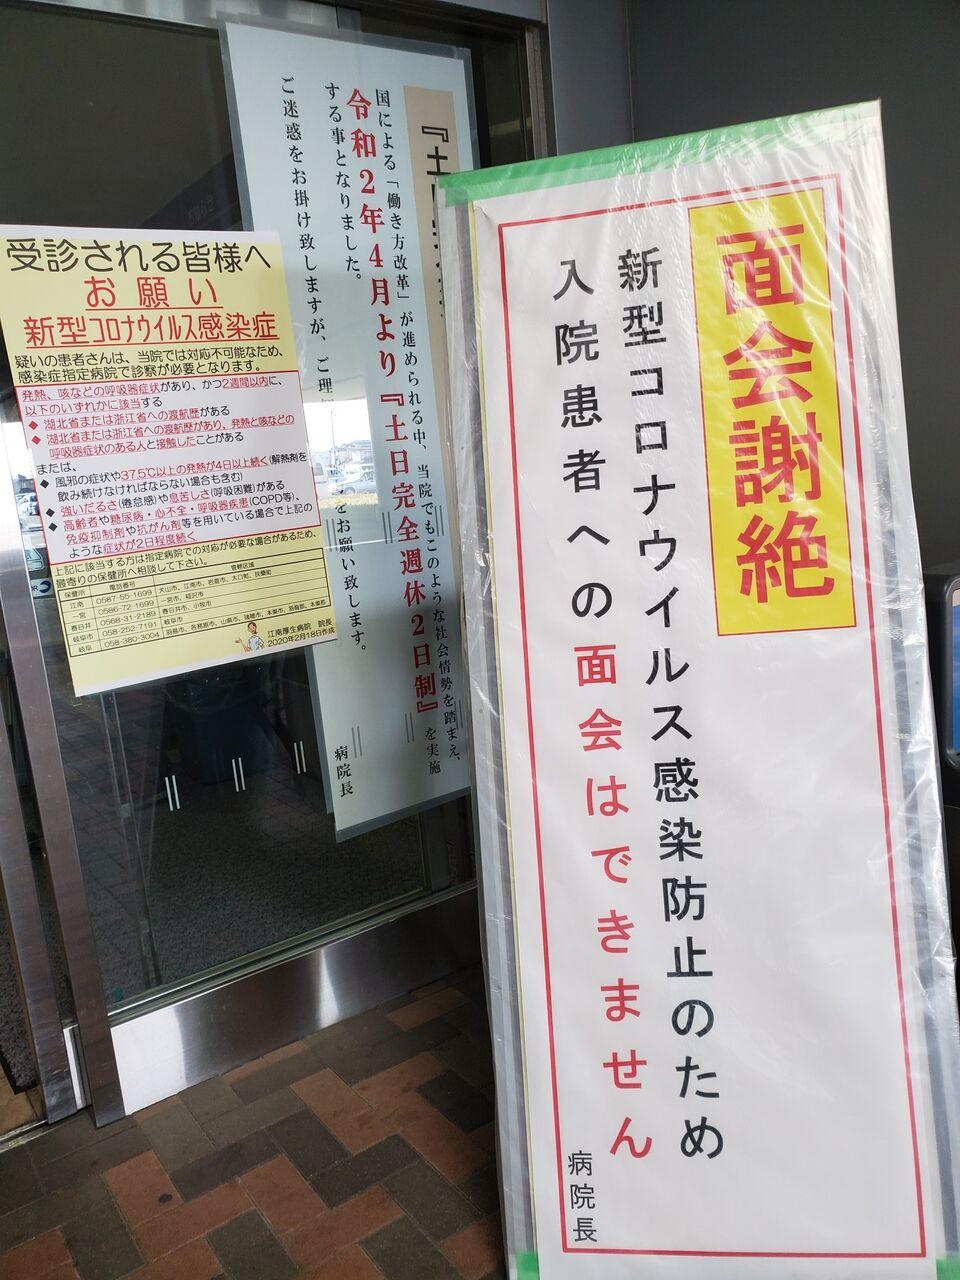 新型コロナウイルスの感染拡大にピリピリ感とものものしさが漂う江南厚生病院正面入り口